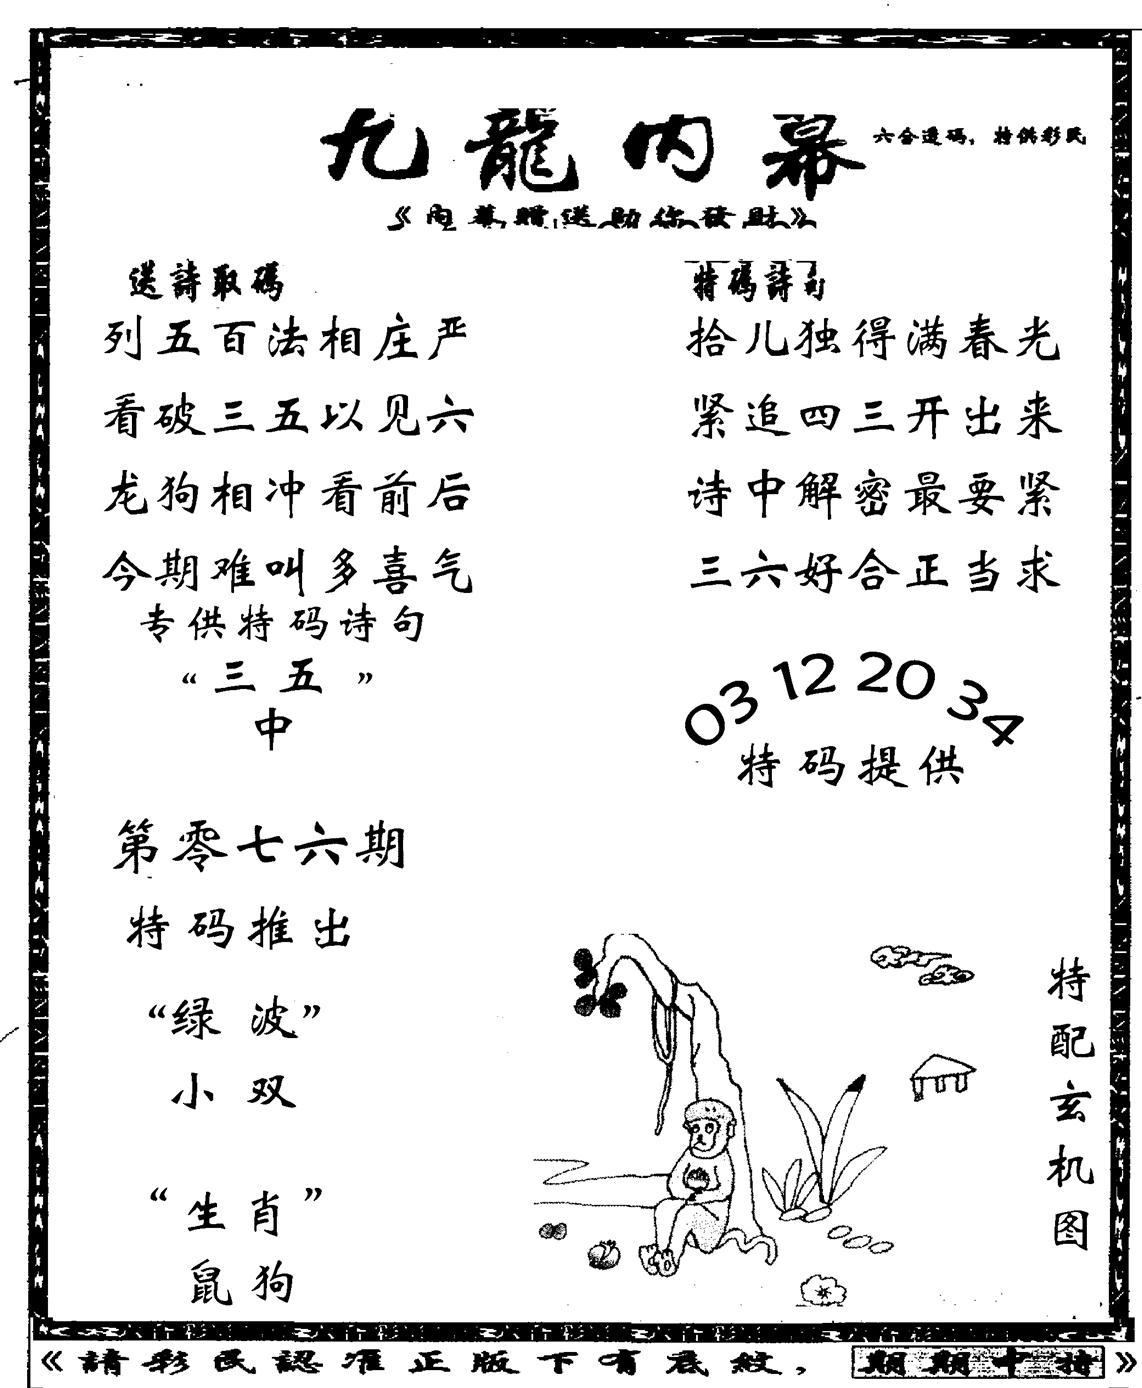 076期老九龙内幕(黑白)